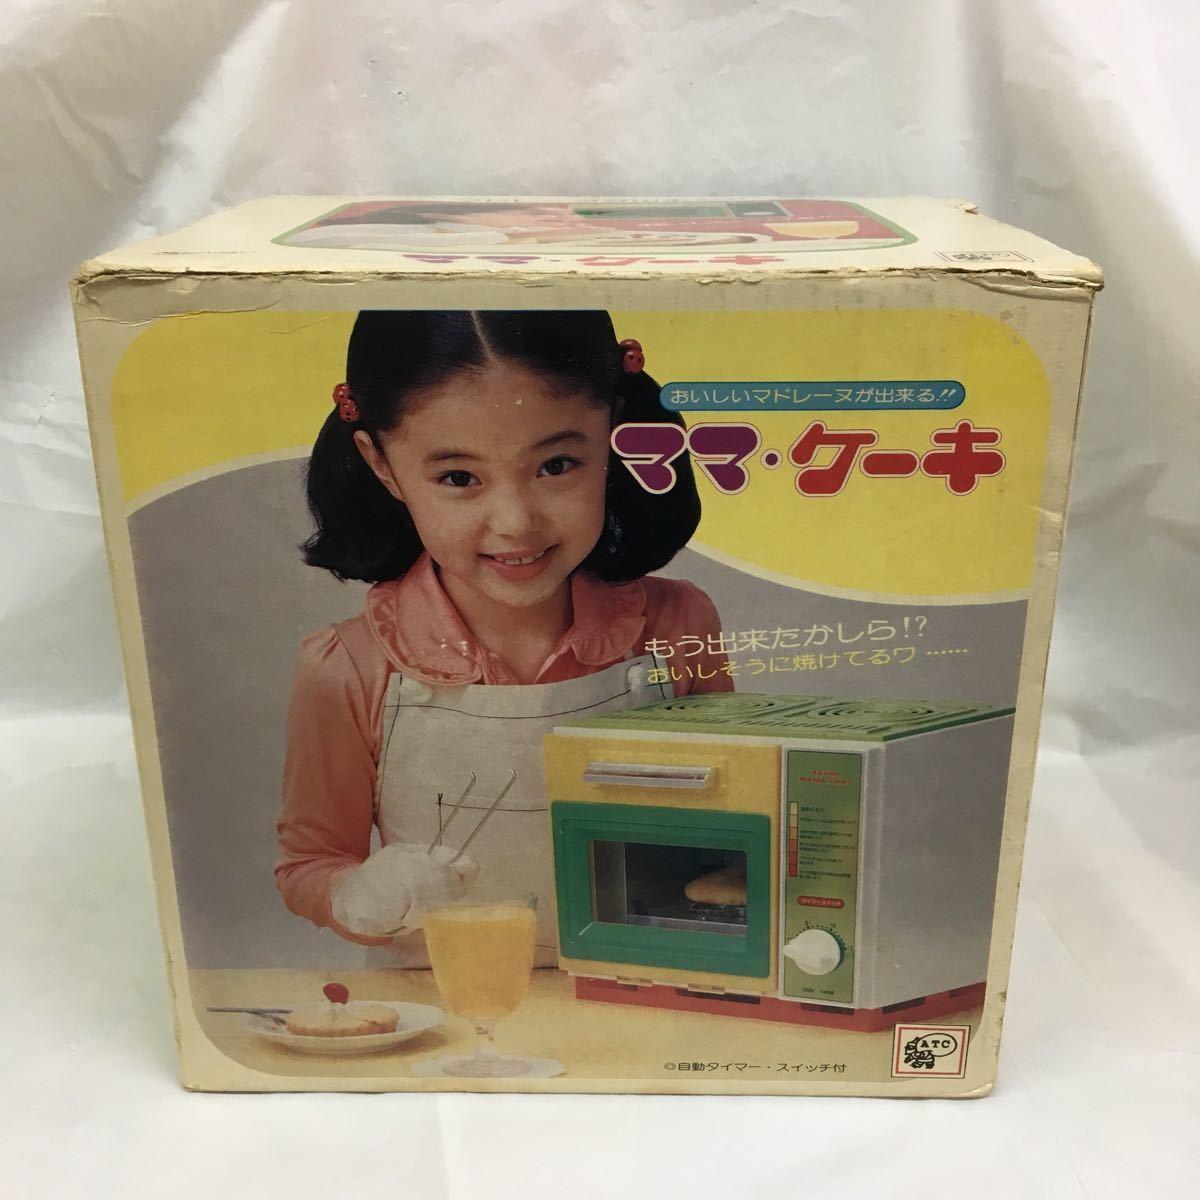 未使用 昭和レトロ アサヒ玩具 ママケーキ ママ・ケーキ おままごと 朝日玩具 おもちゃ 検索 ママレンジ デッドストック